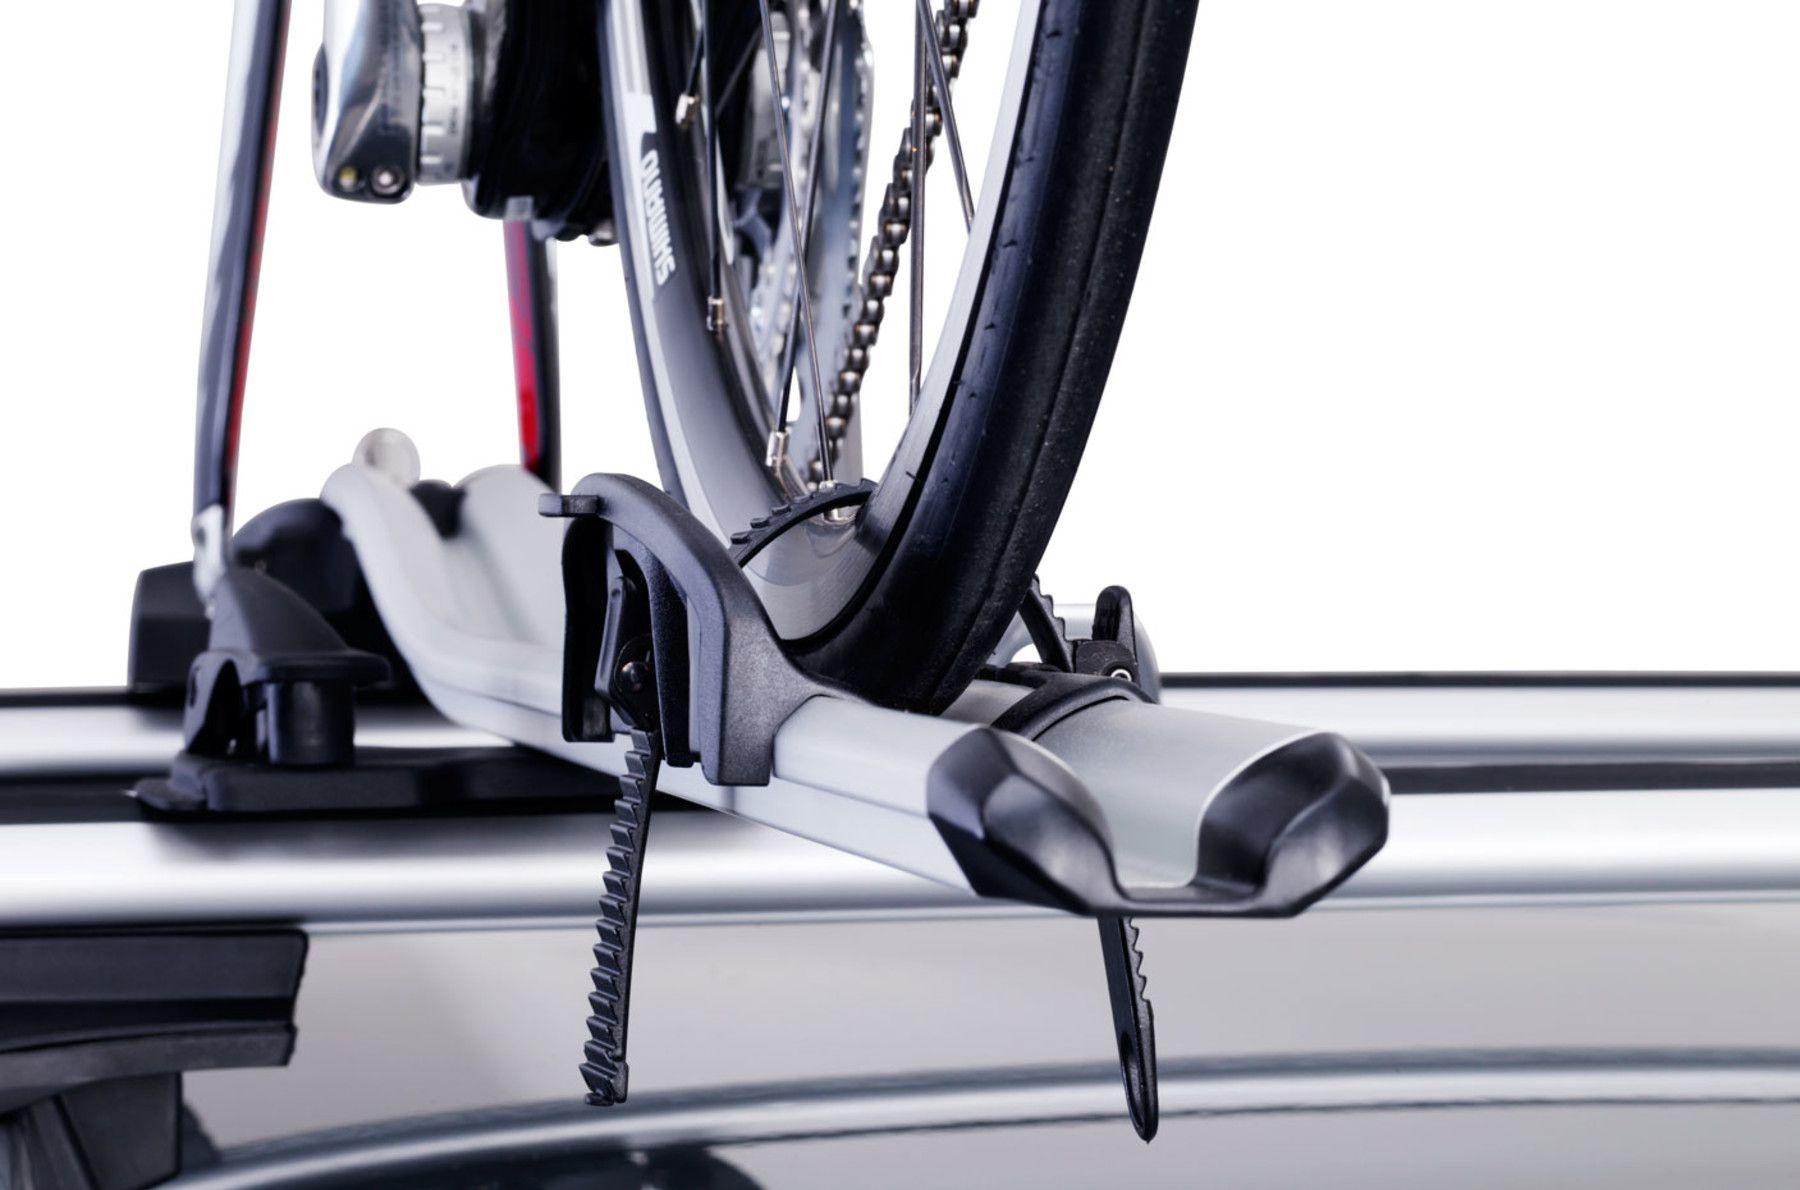 Suporte de Teto para Bicicleta Thule OutRide